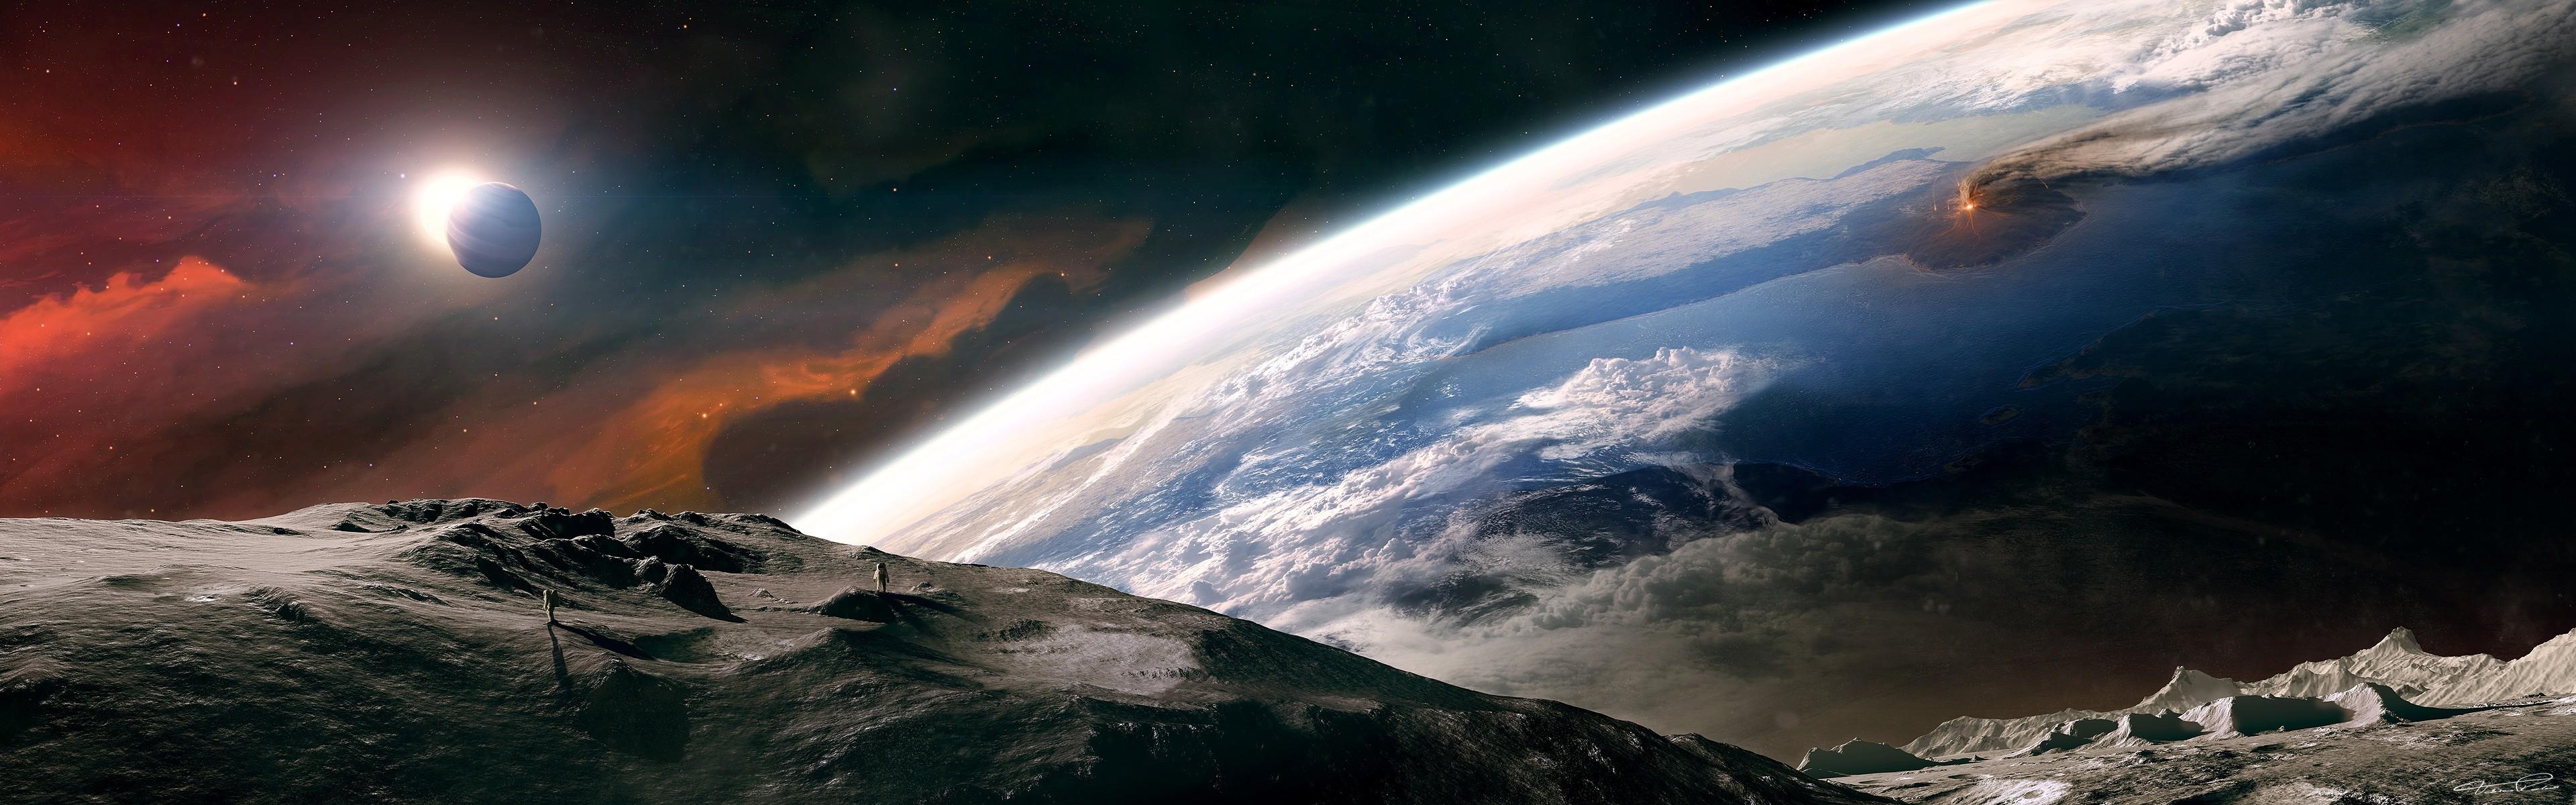 Обои астронавт, земля. Фантастика foto 19